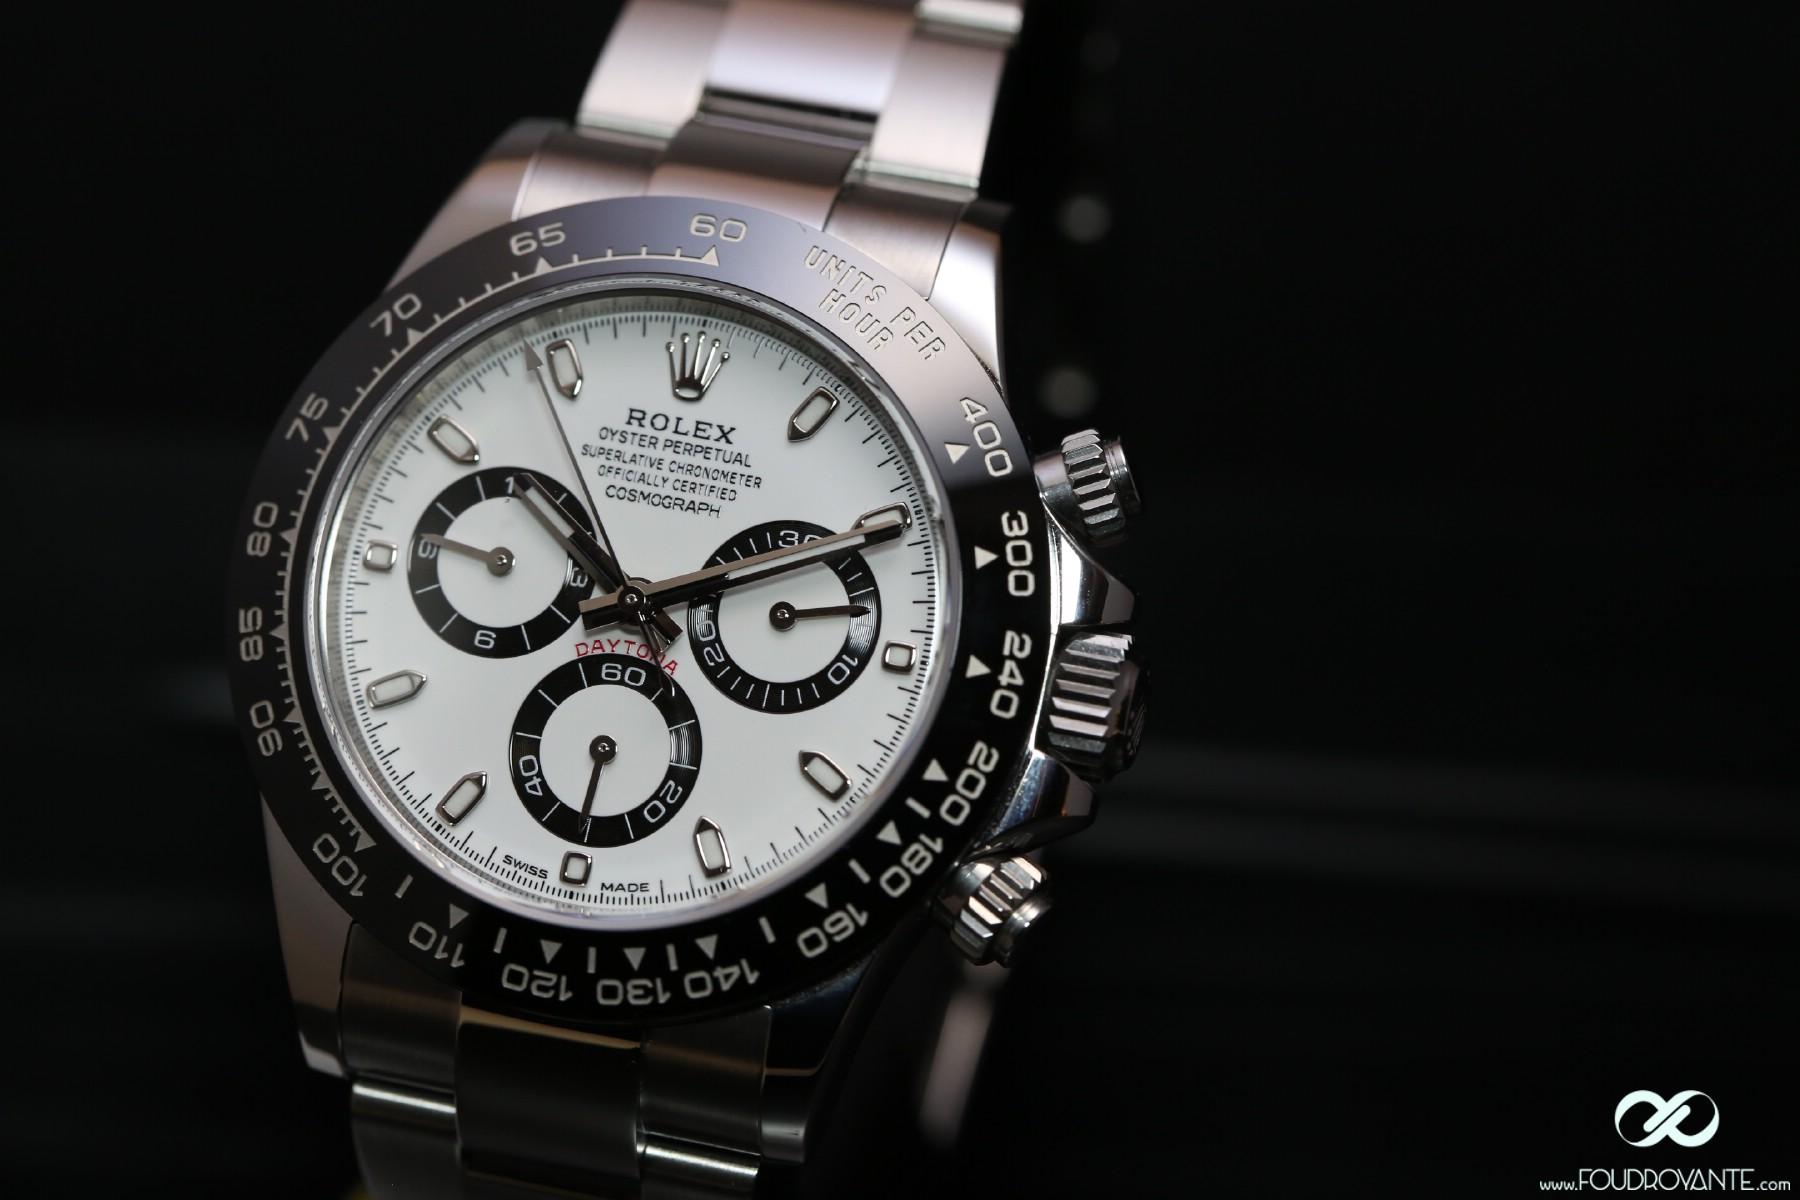 Rolex 116500 LN Daytona White Dial (8)